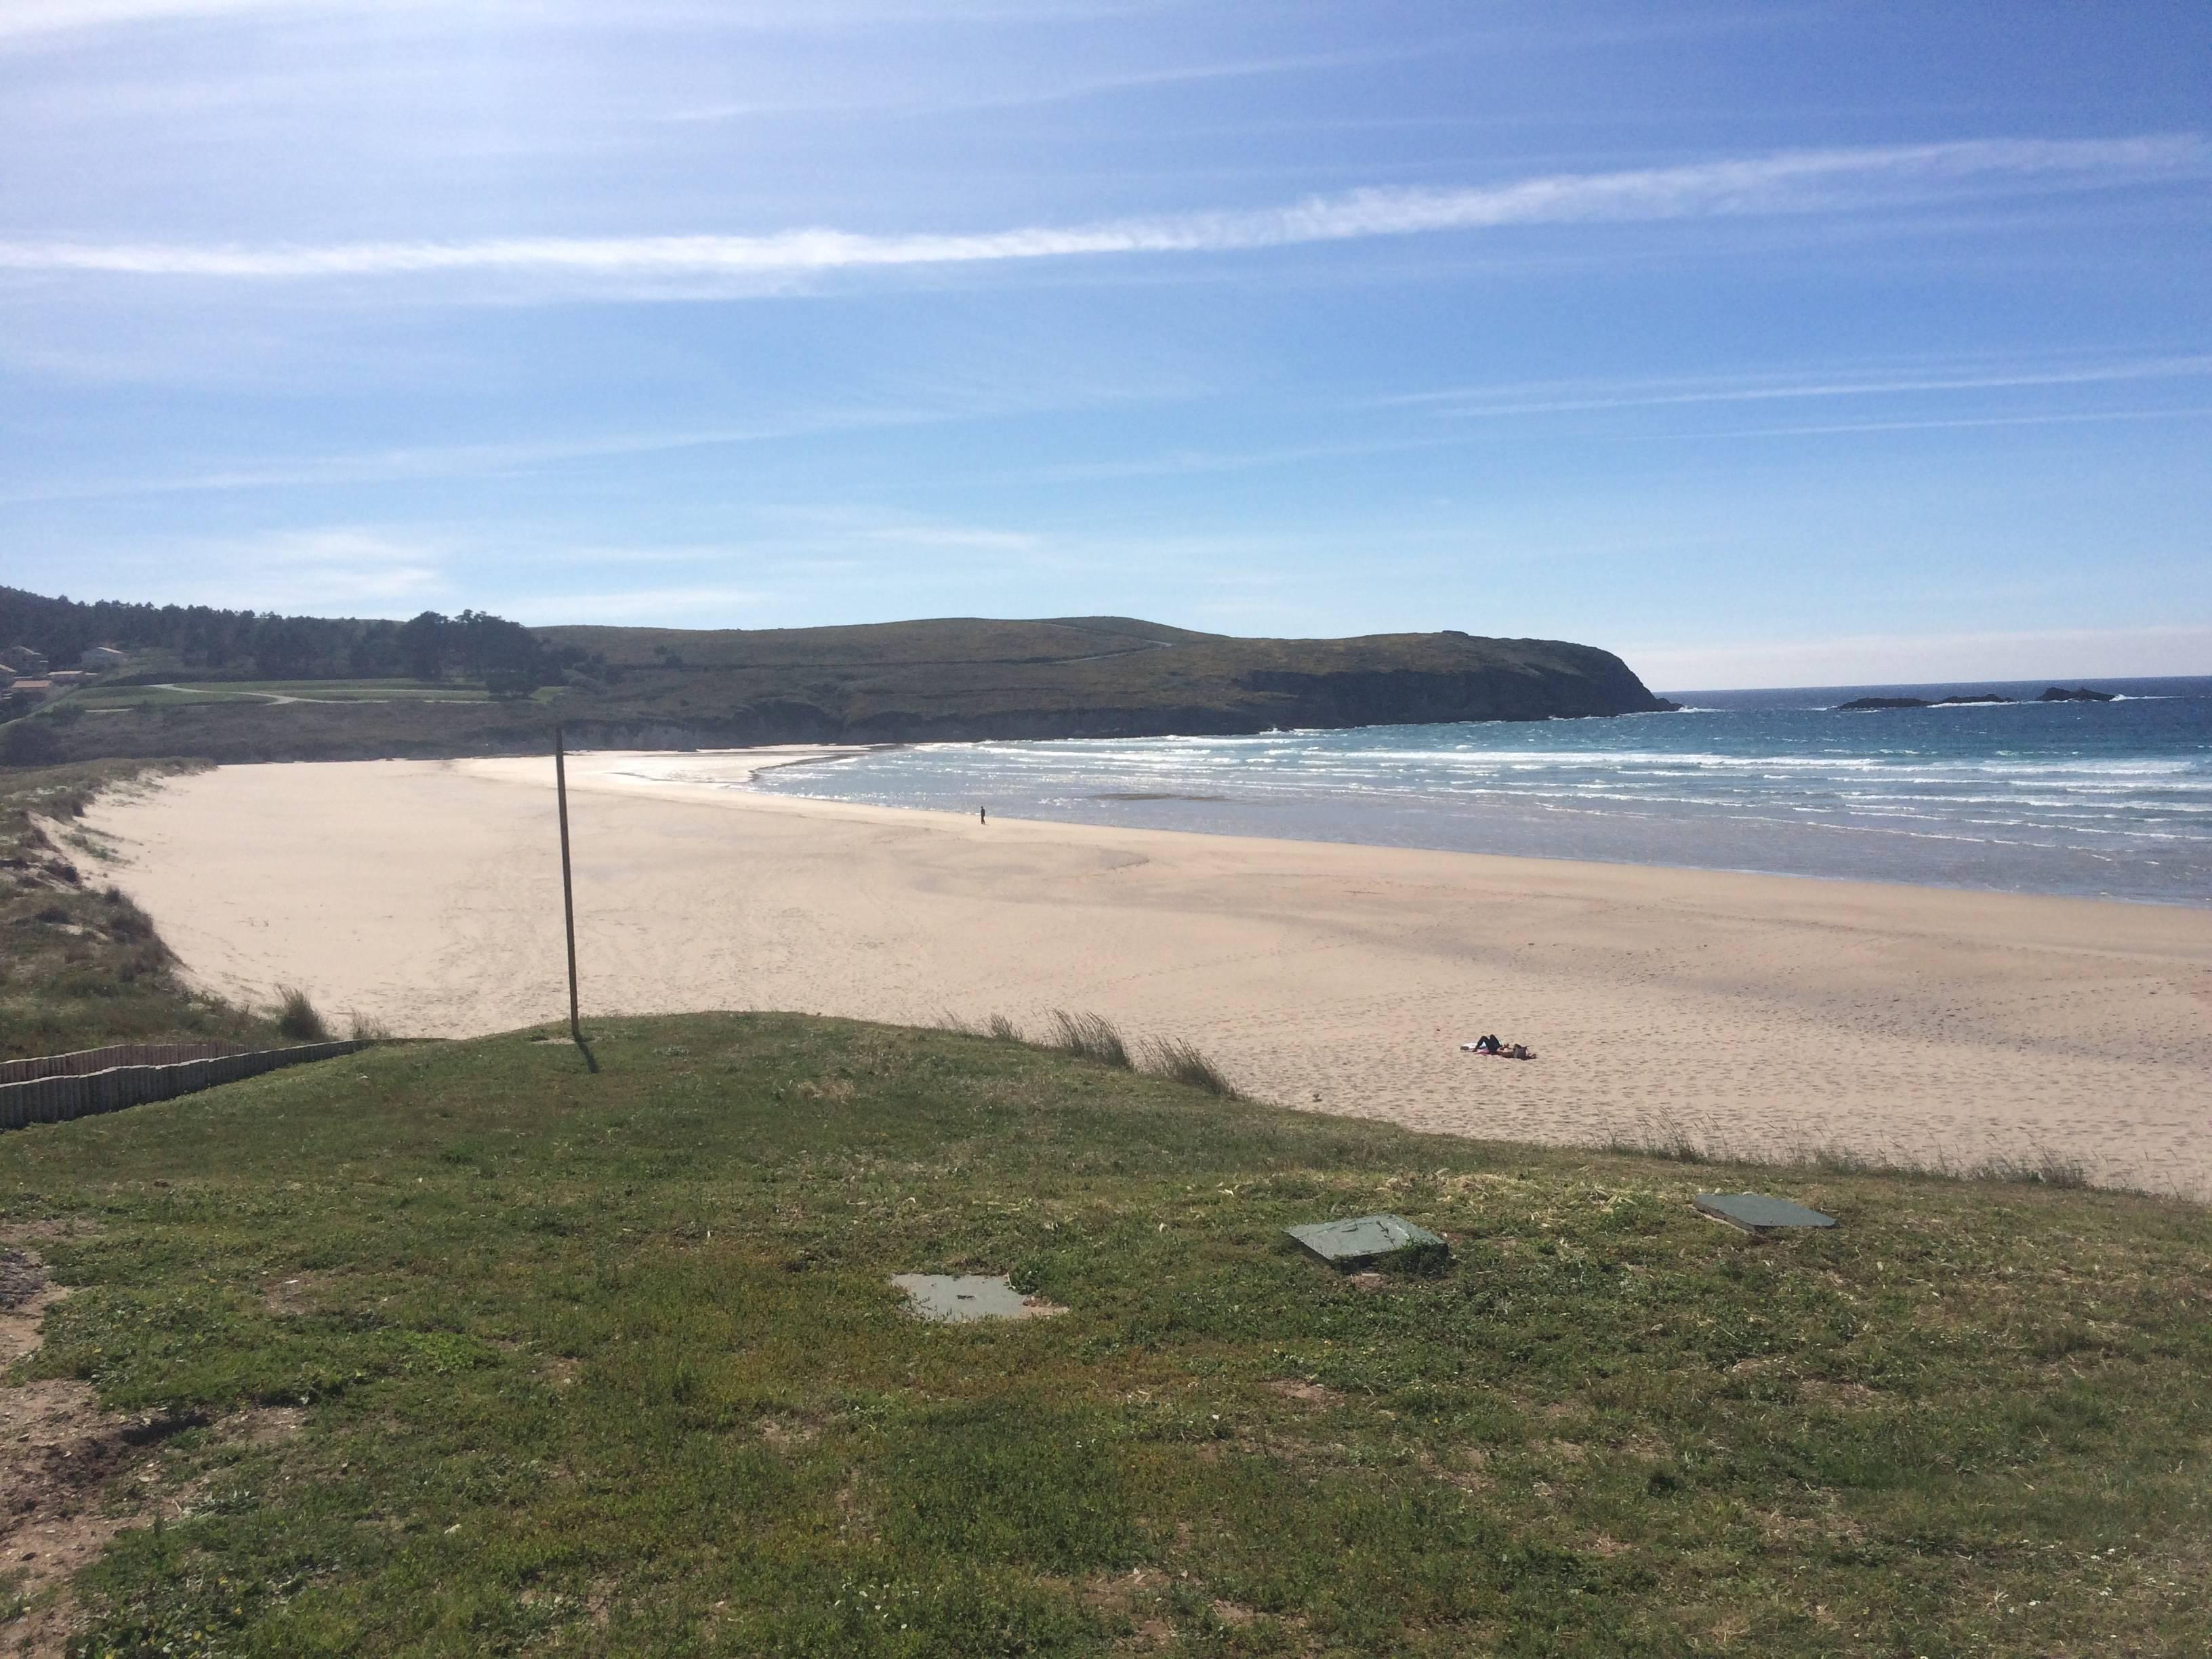 Photo 2: Spot de surf à Pantín en Galice